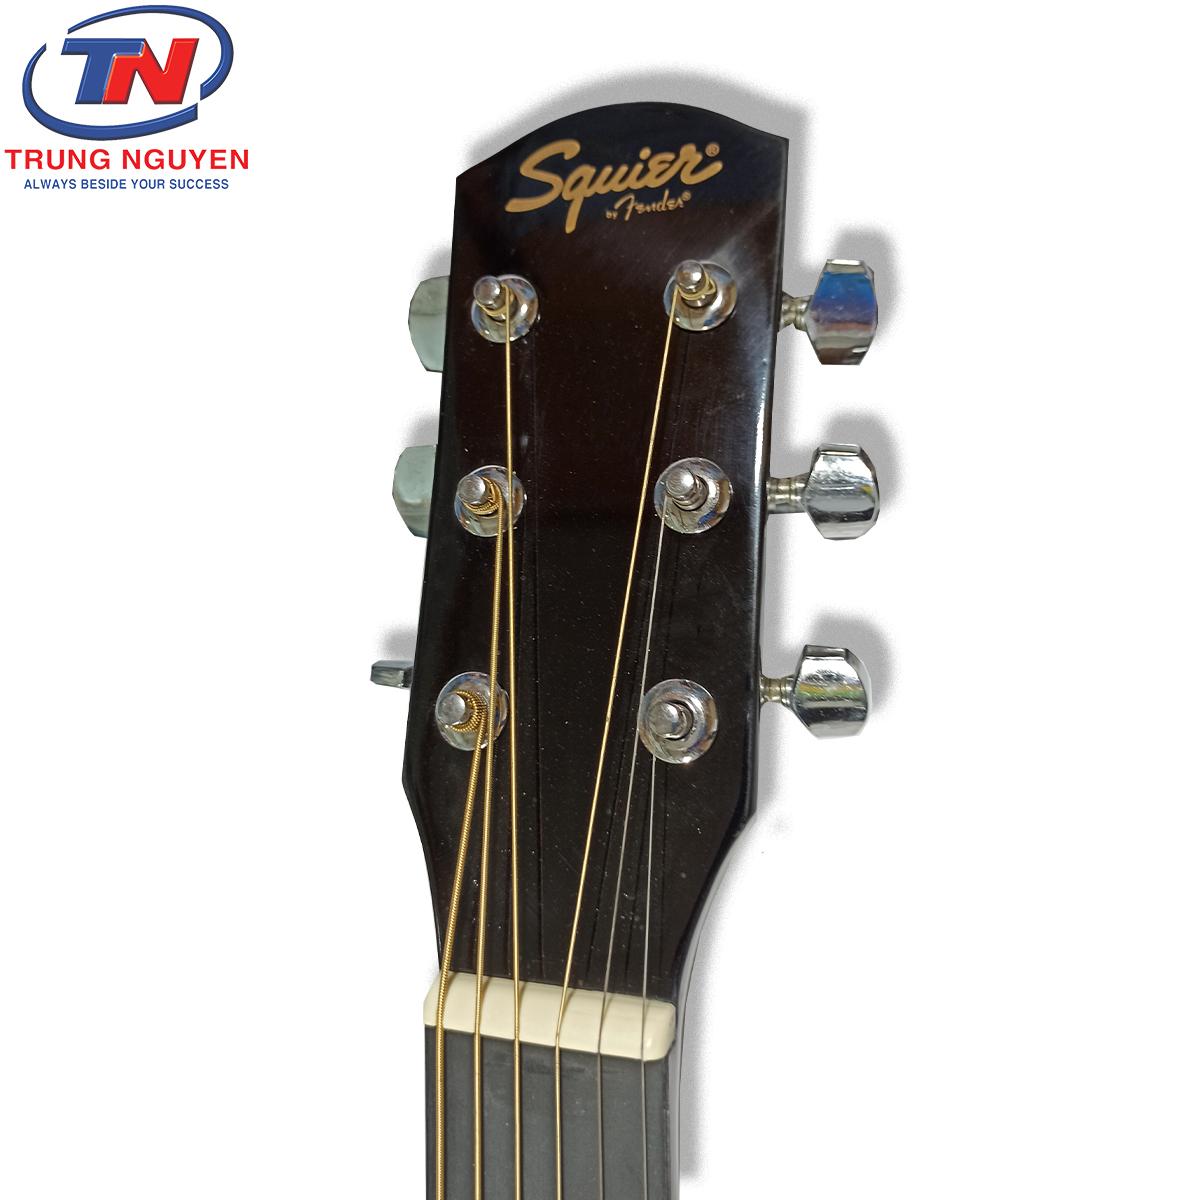 Đàn Guitar Fender Squier SA-105CE. Nhạc cụ Trung Nguyên|Chuyên Nhạc cụ